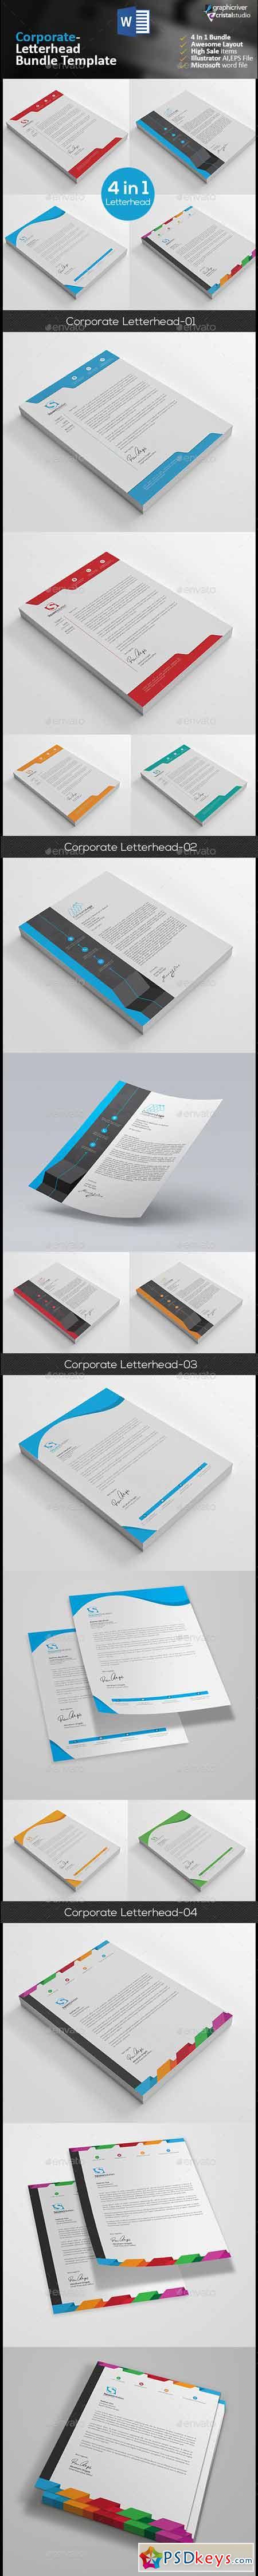 Letterhead Bundle 4 in 1 13210658